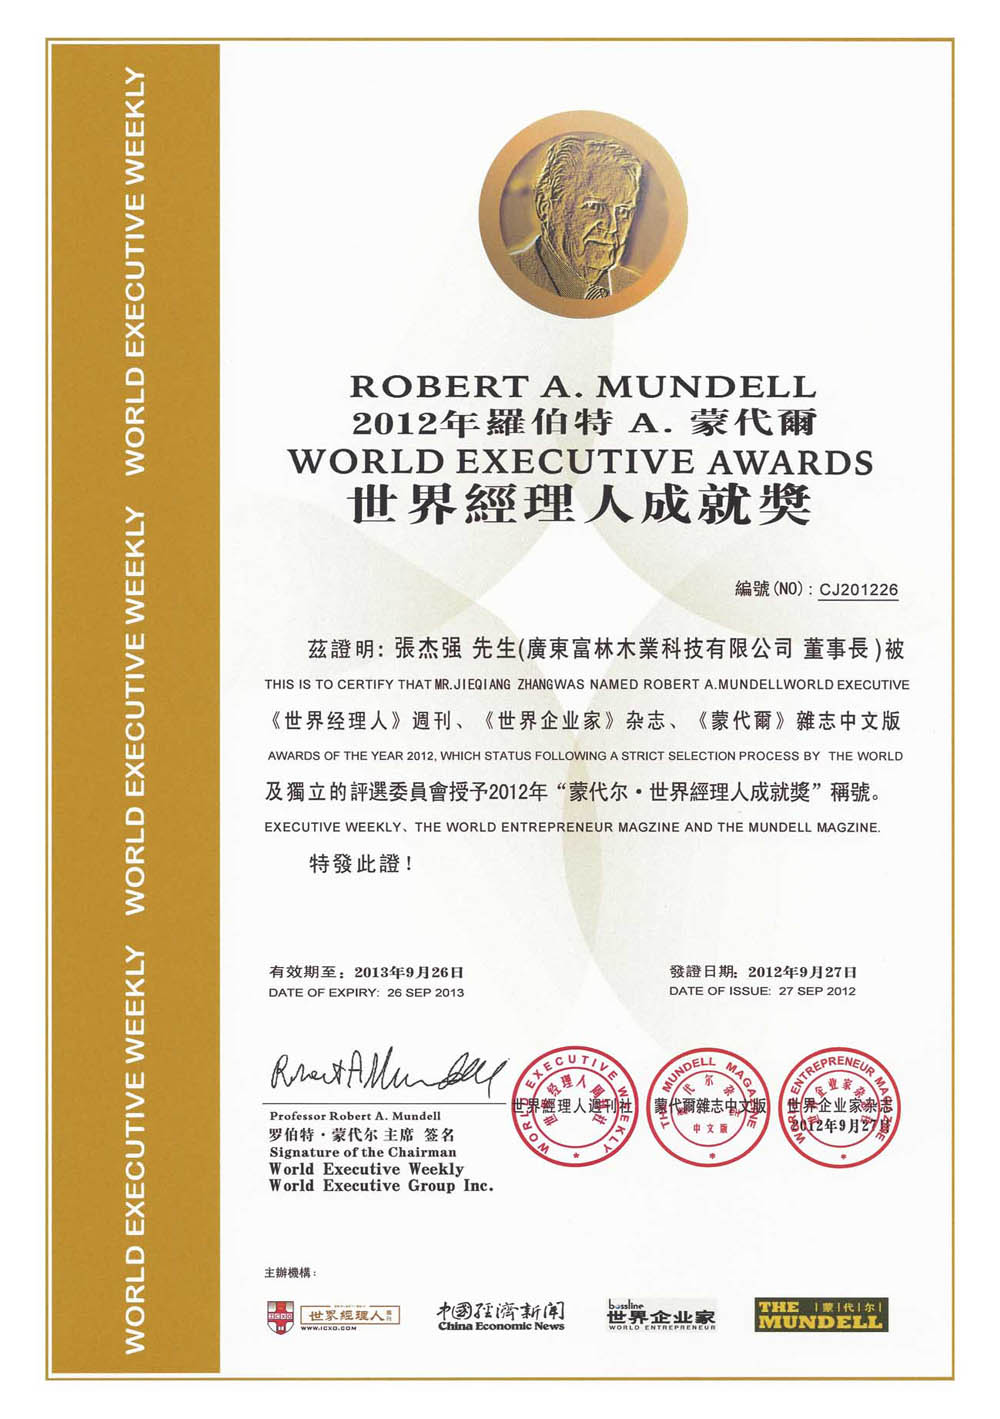 2012世界经理人成就奖